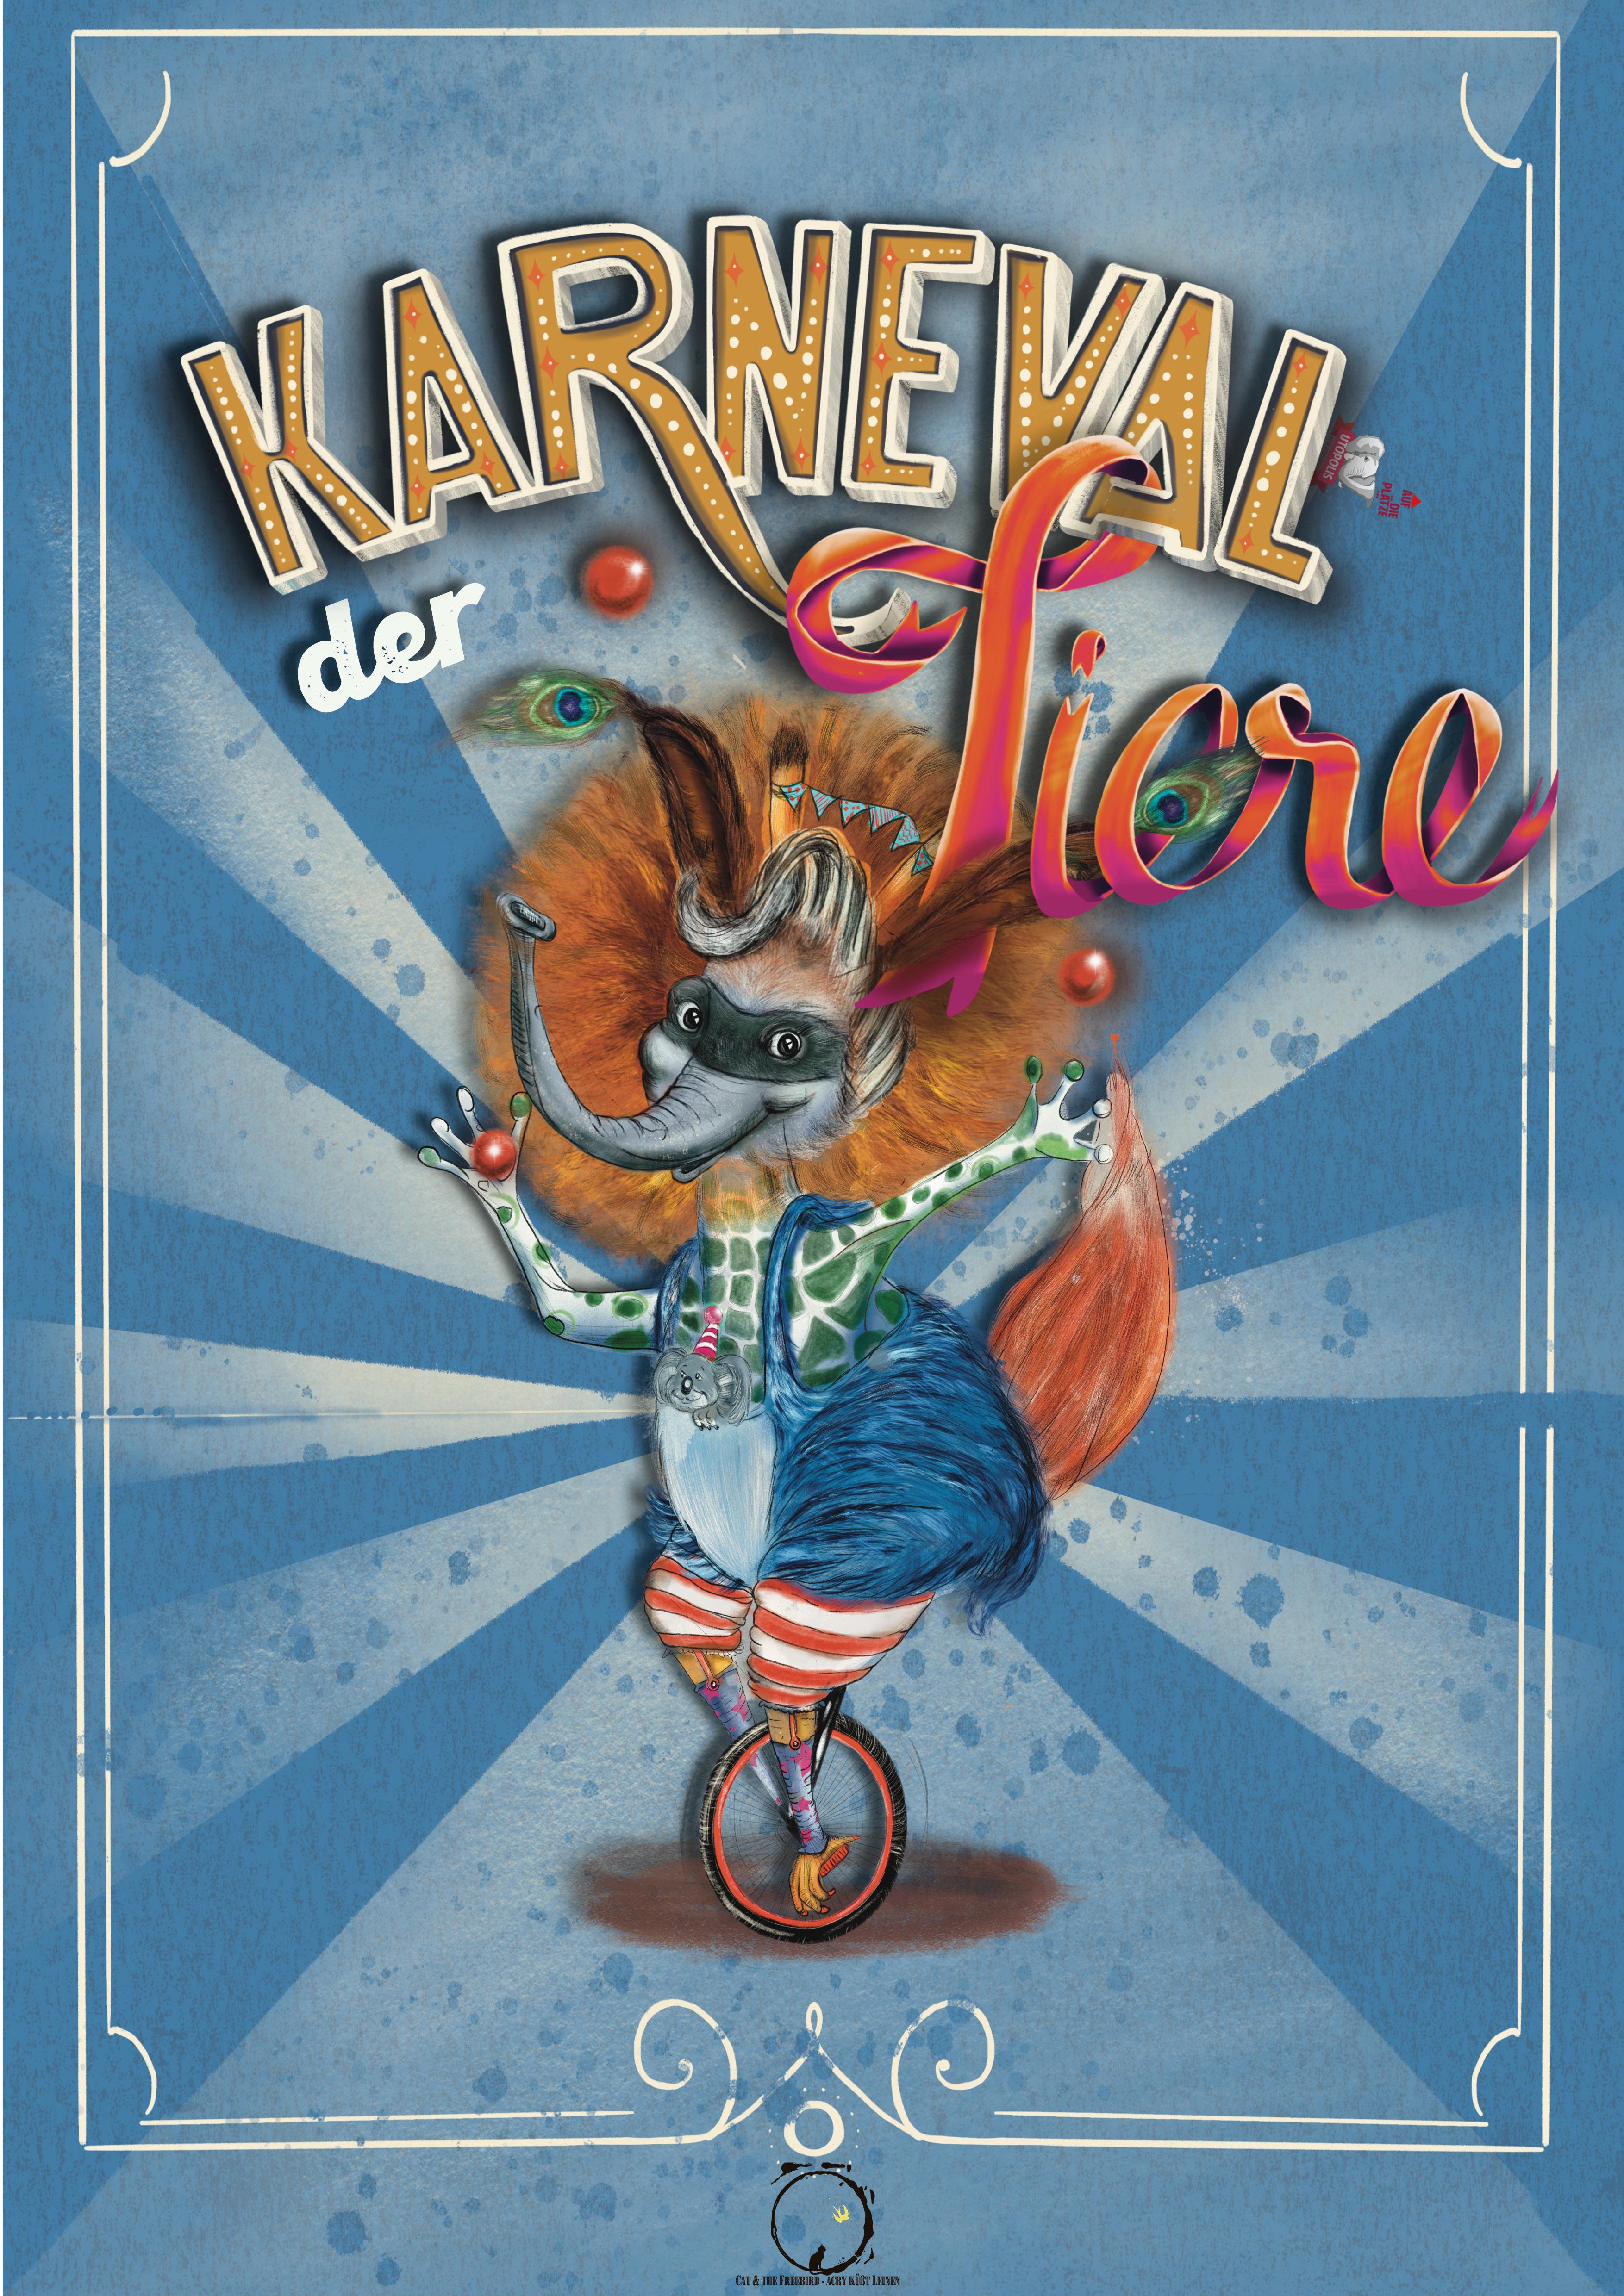 Plakat für Karneval der Tiere